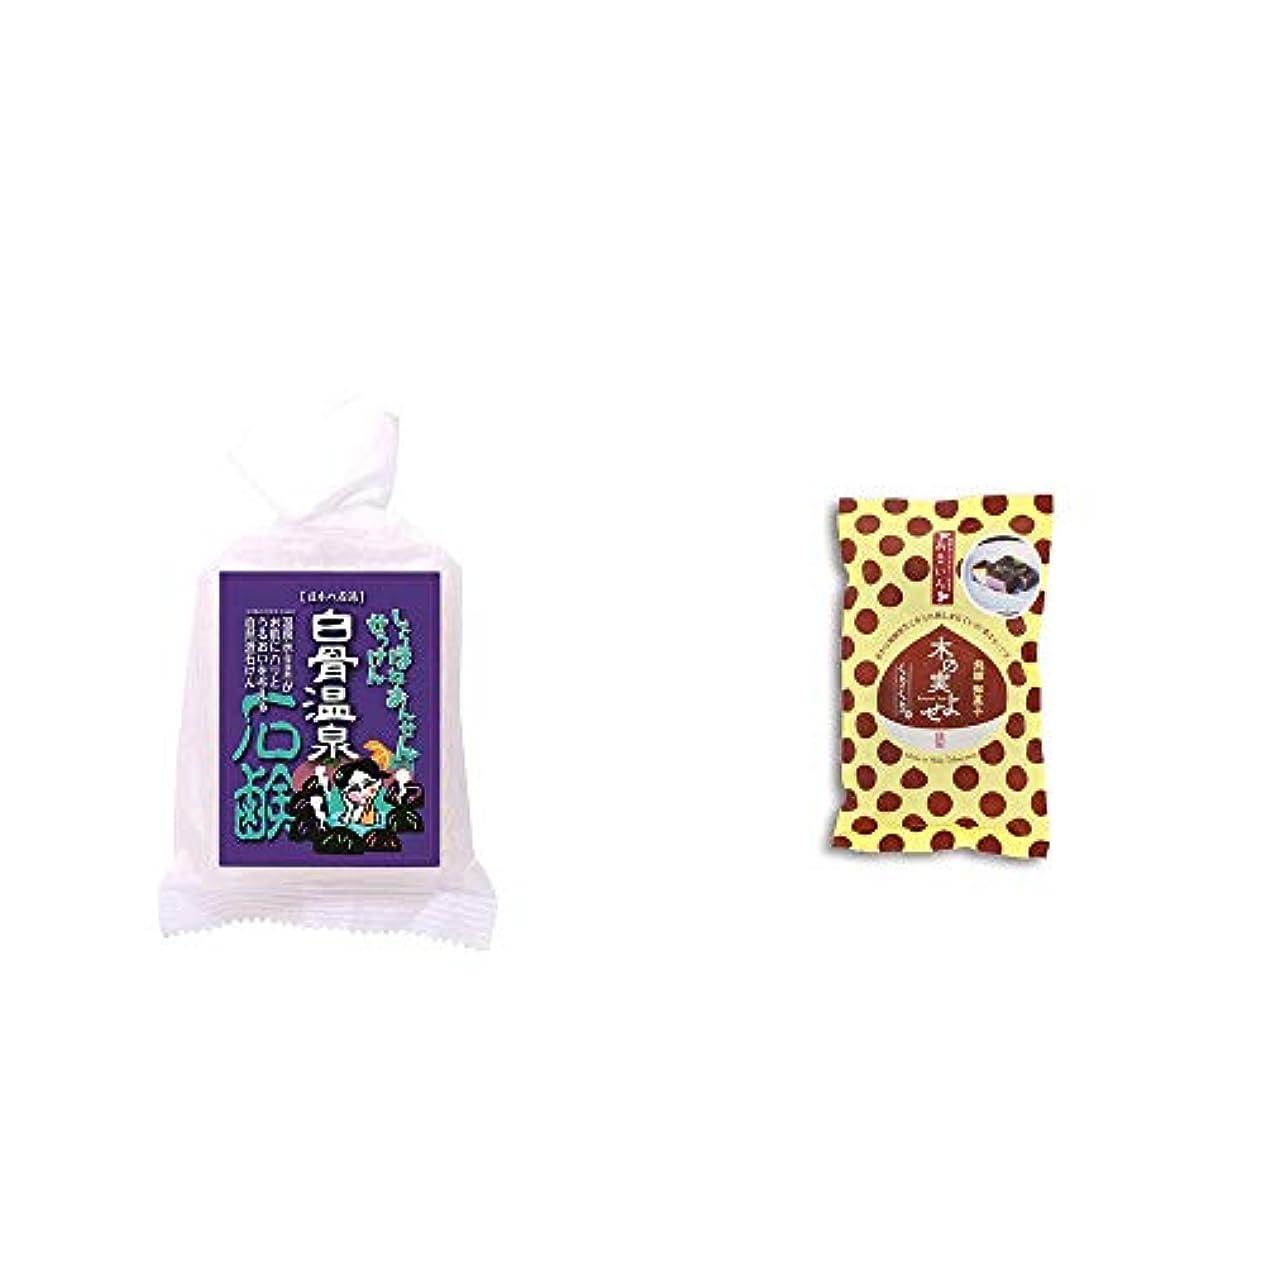 口ファーザーファージュ行政[2点セット] 信州 白骨温泉石鹸(80g)?木の実よせ くりくり味(5個入)